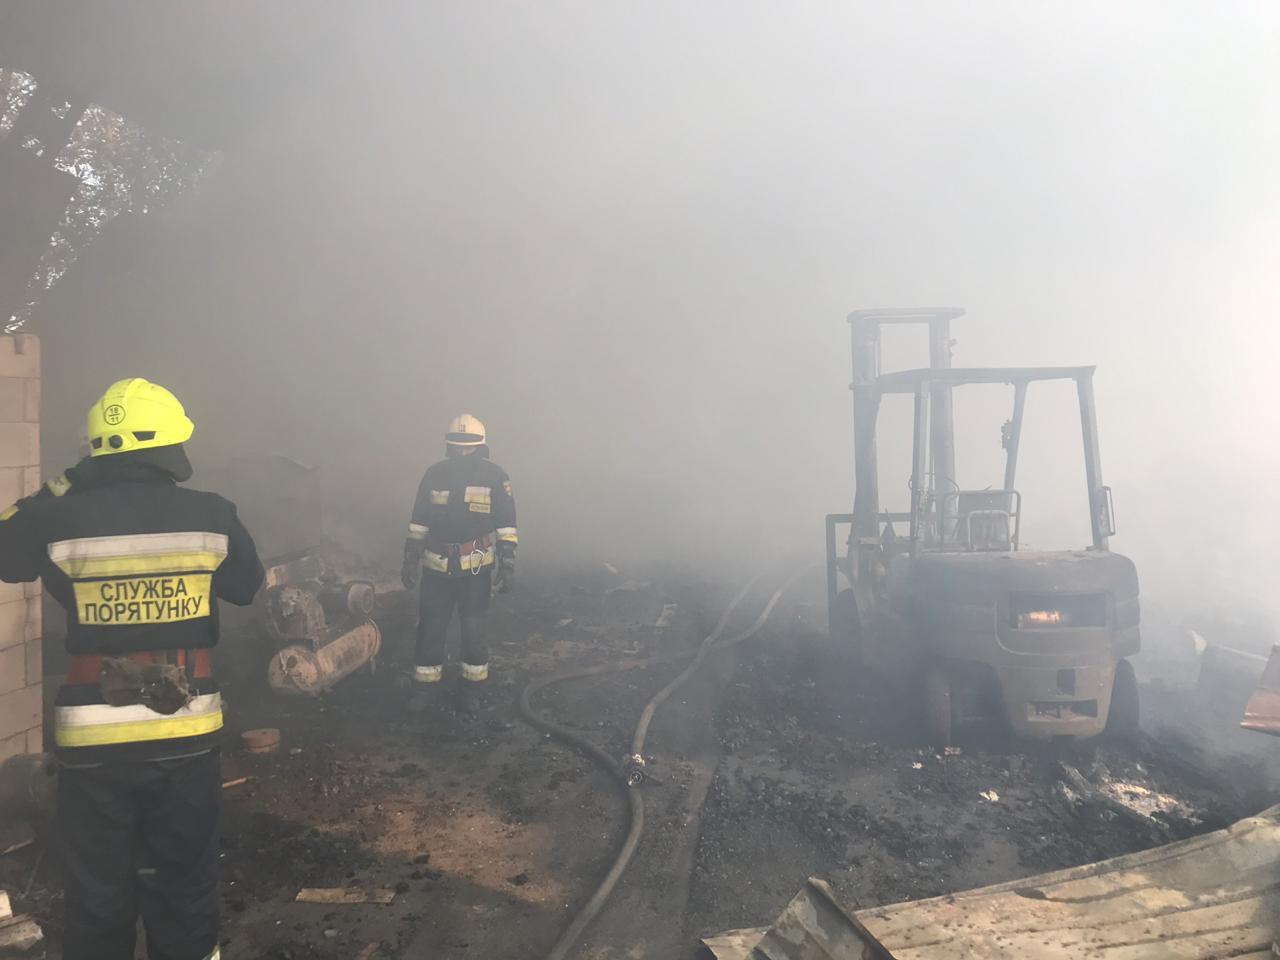 Спасатели тушили пожар в одноэтажном сооружении. Новости Днепра